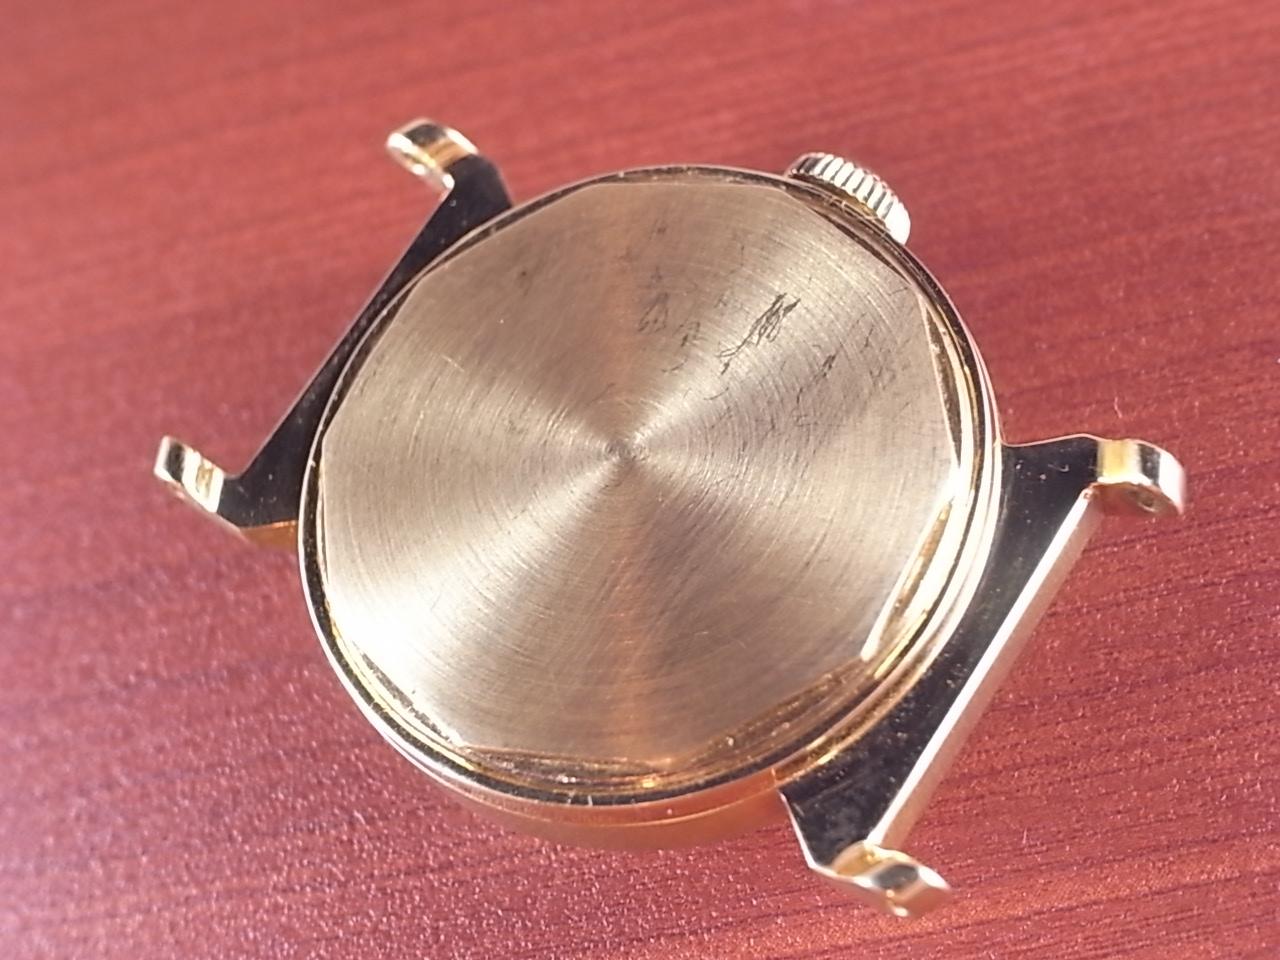 モバード 18KYG アクバティック フレッセロWネーム 1930年代の写真4枚目